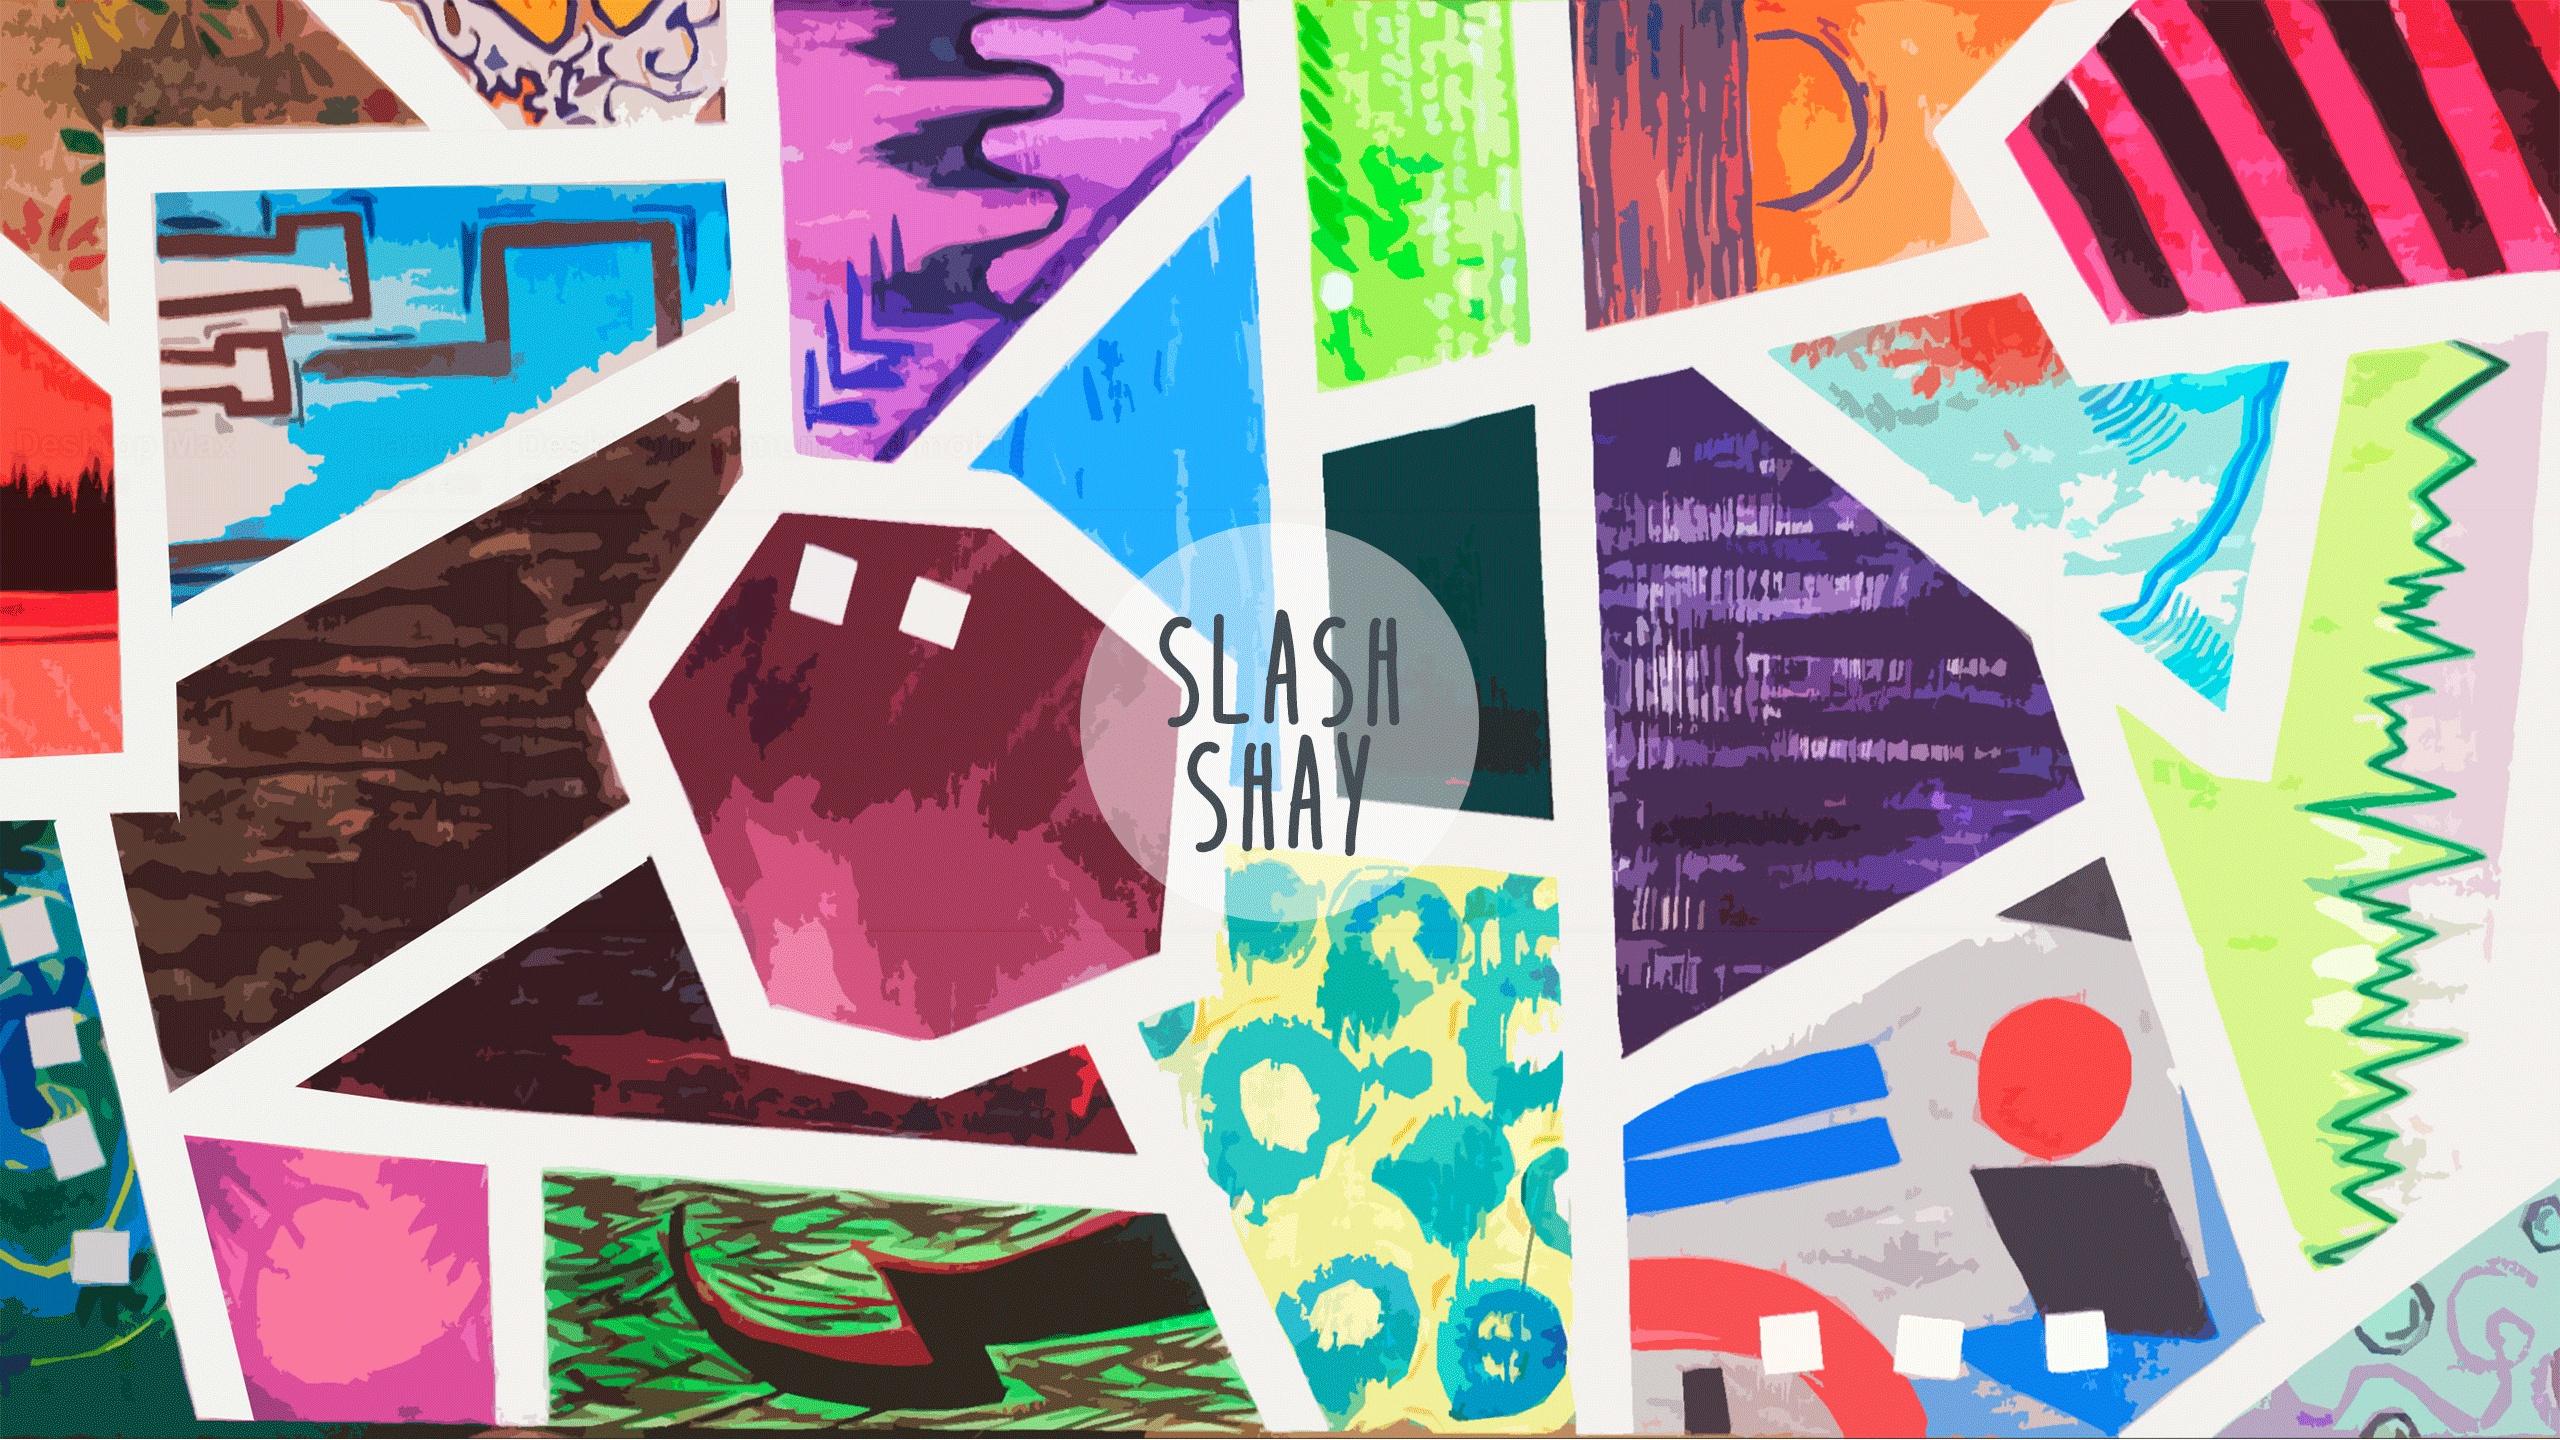 slashshay Cover